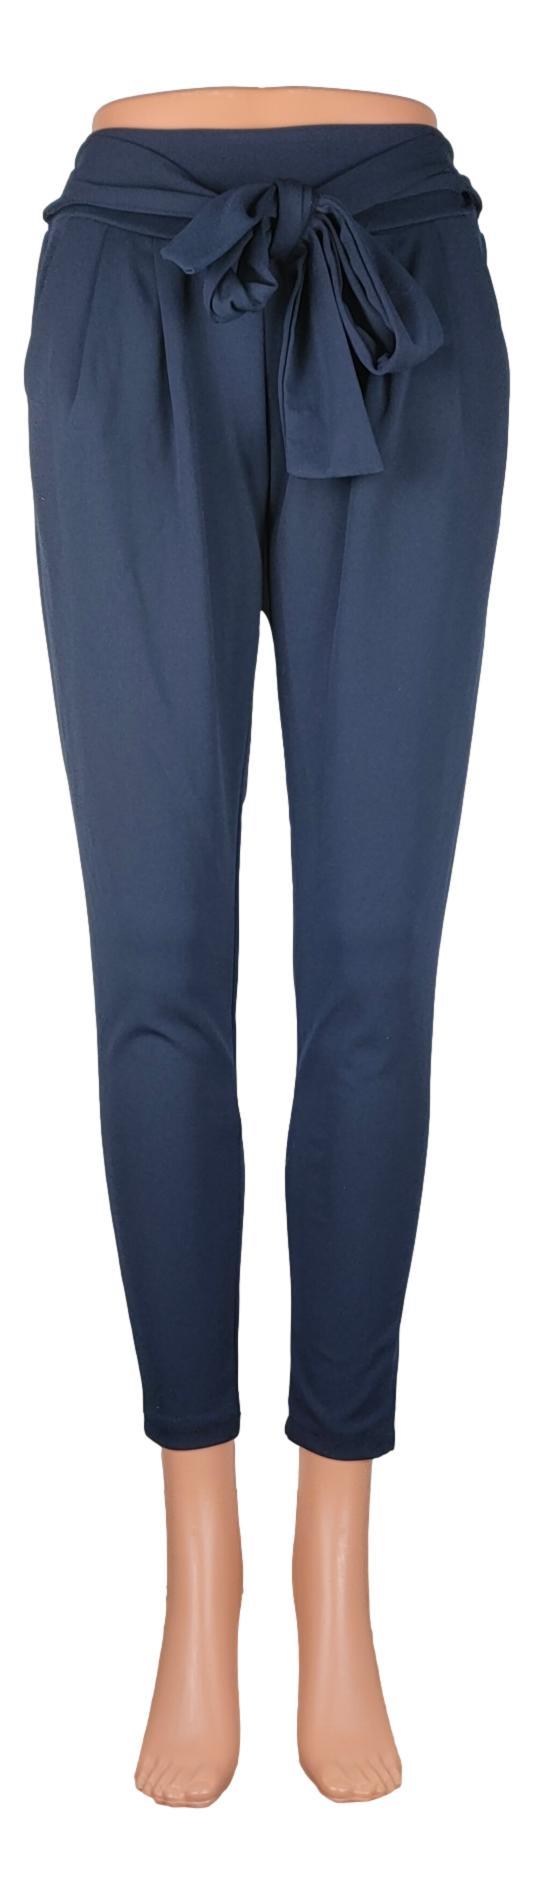 Pantalon Sans marque - Taille 38